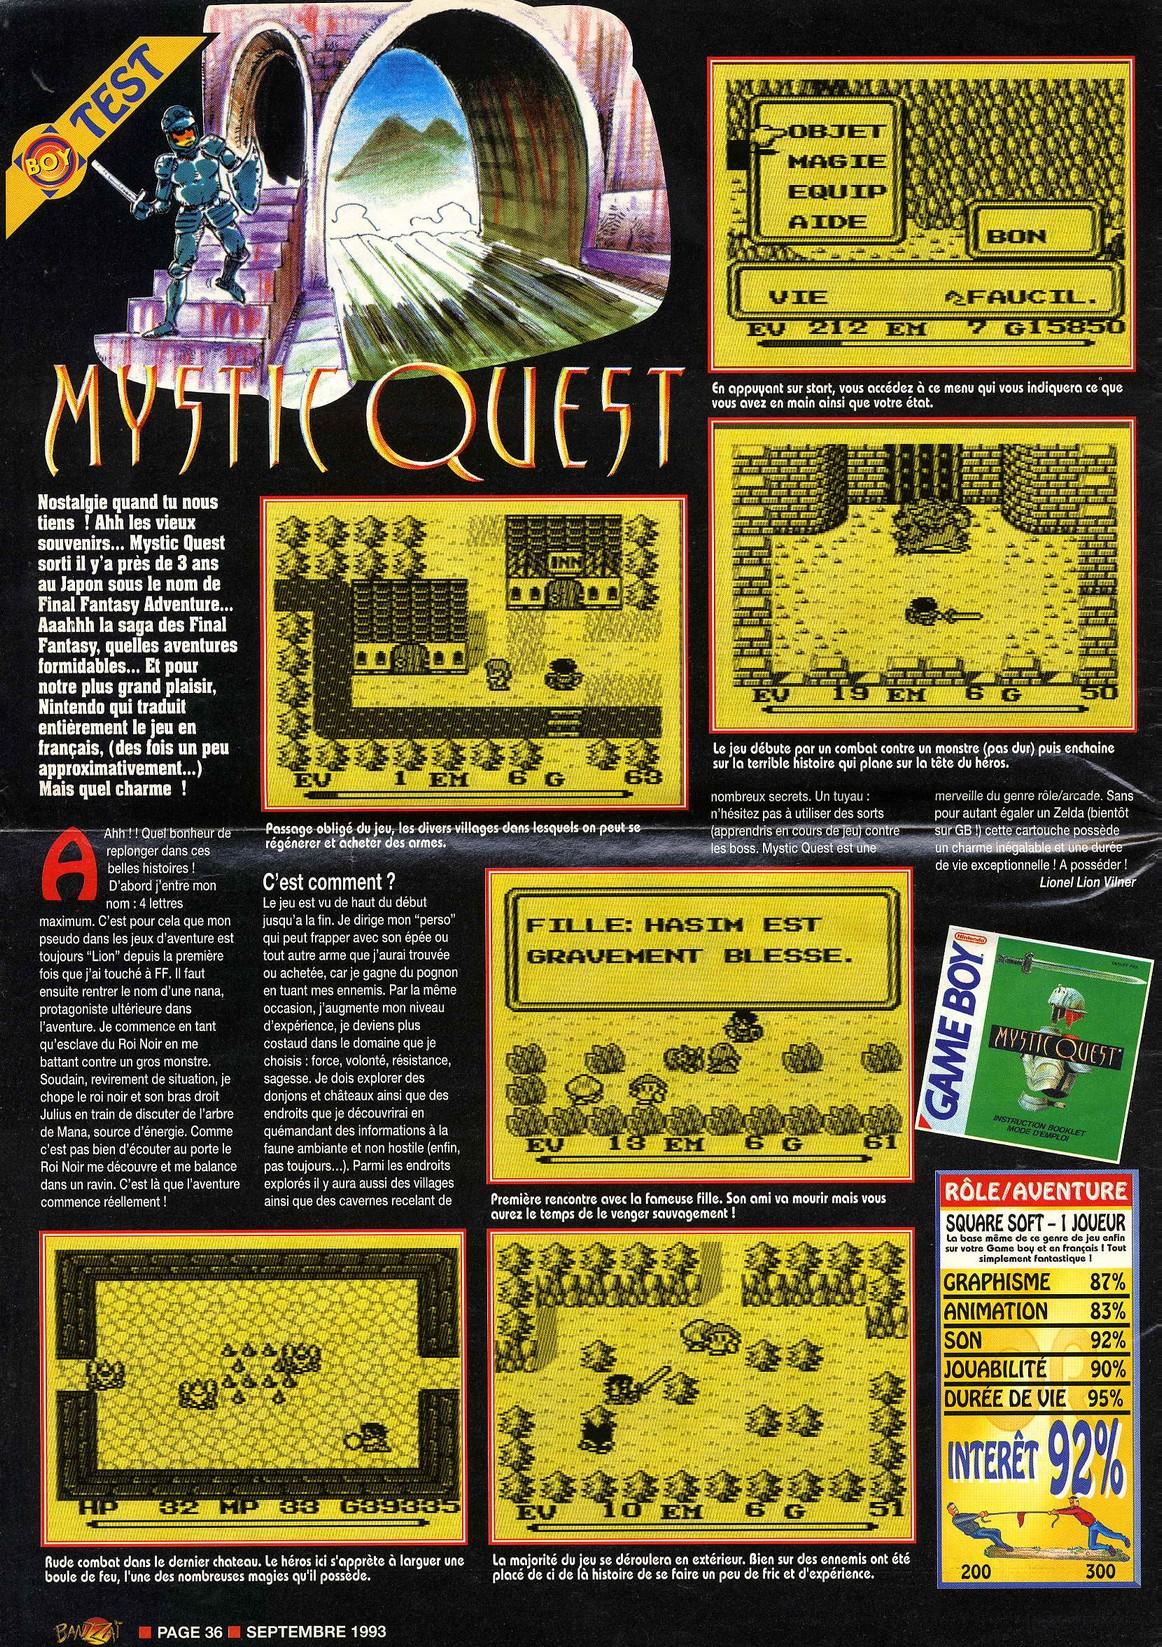 mysticquest